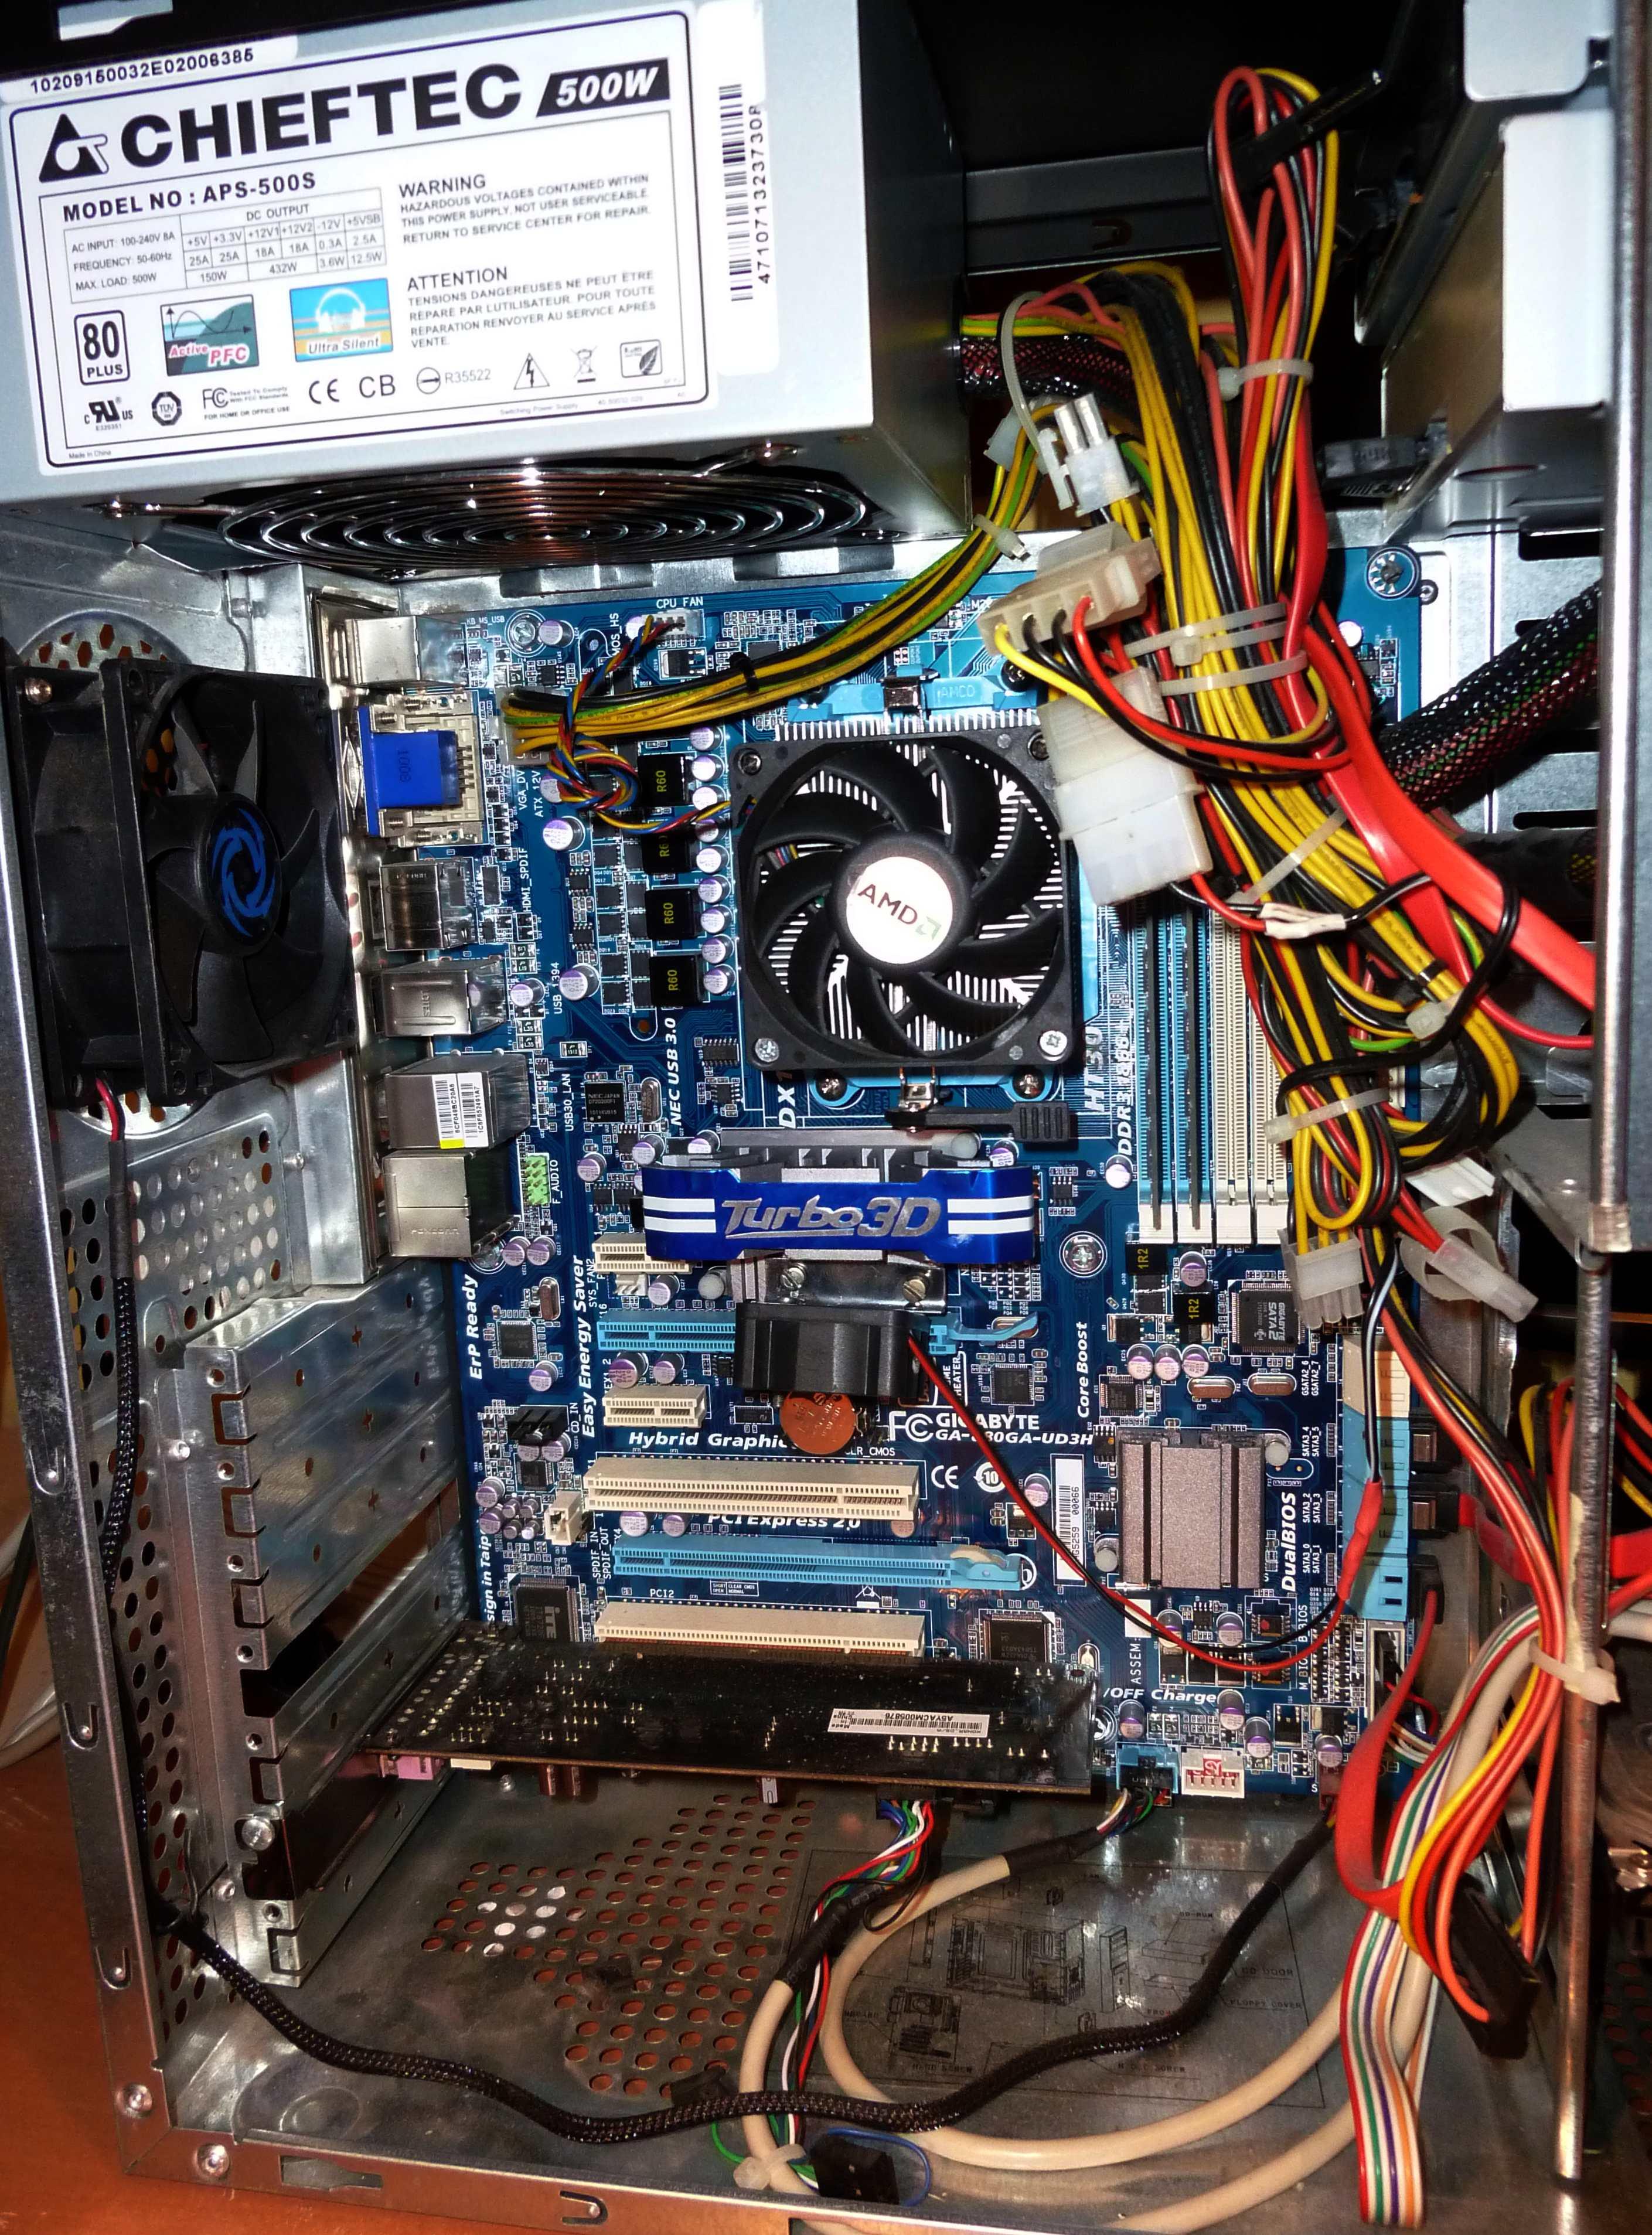 Gigabyte 880GA-UD3H - Komputer restartuje si� albo zatrzymuje na chwil�